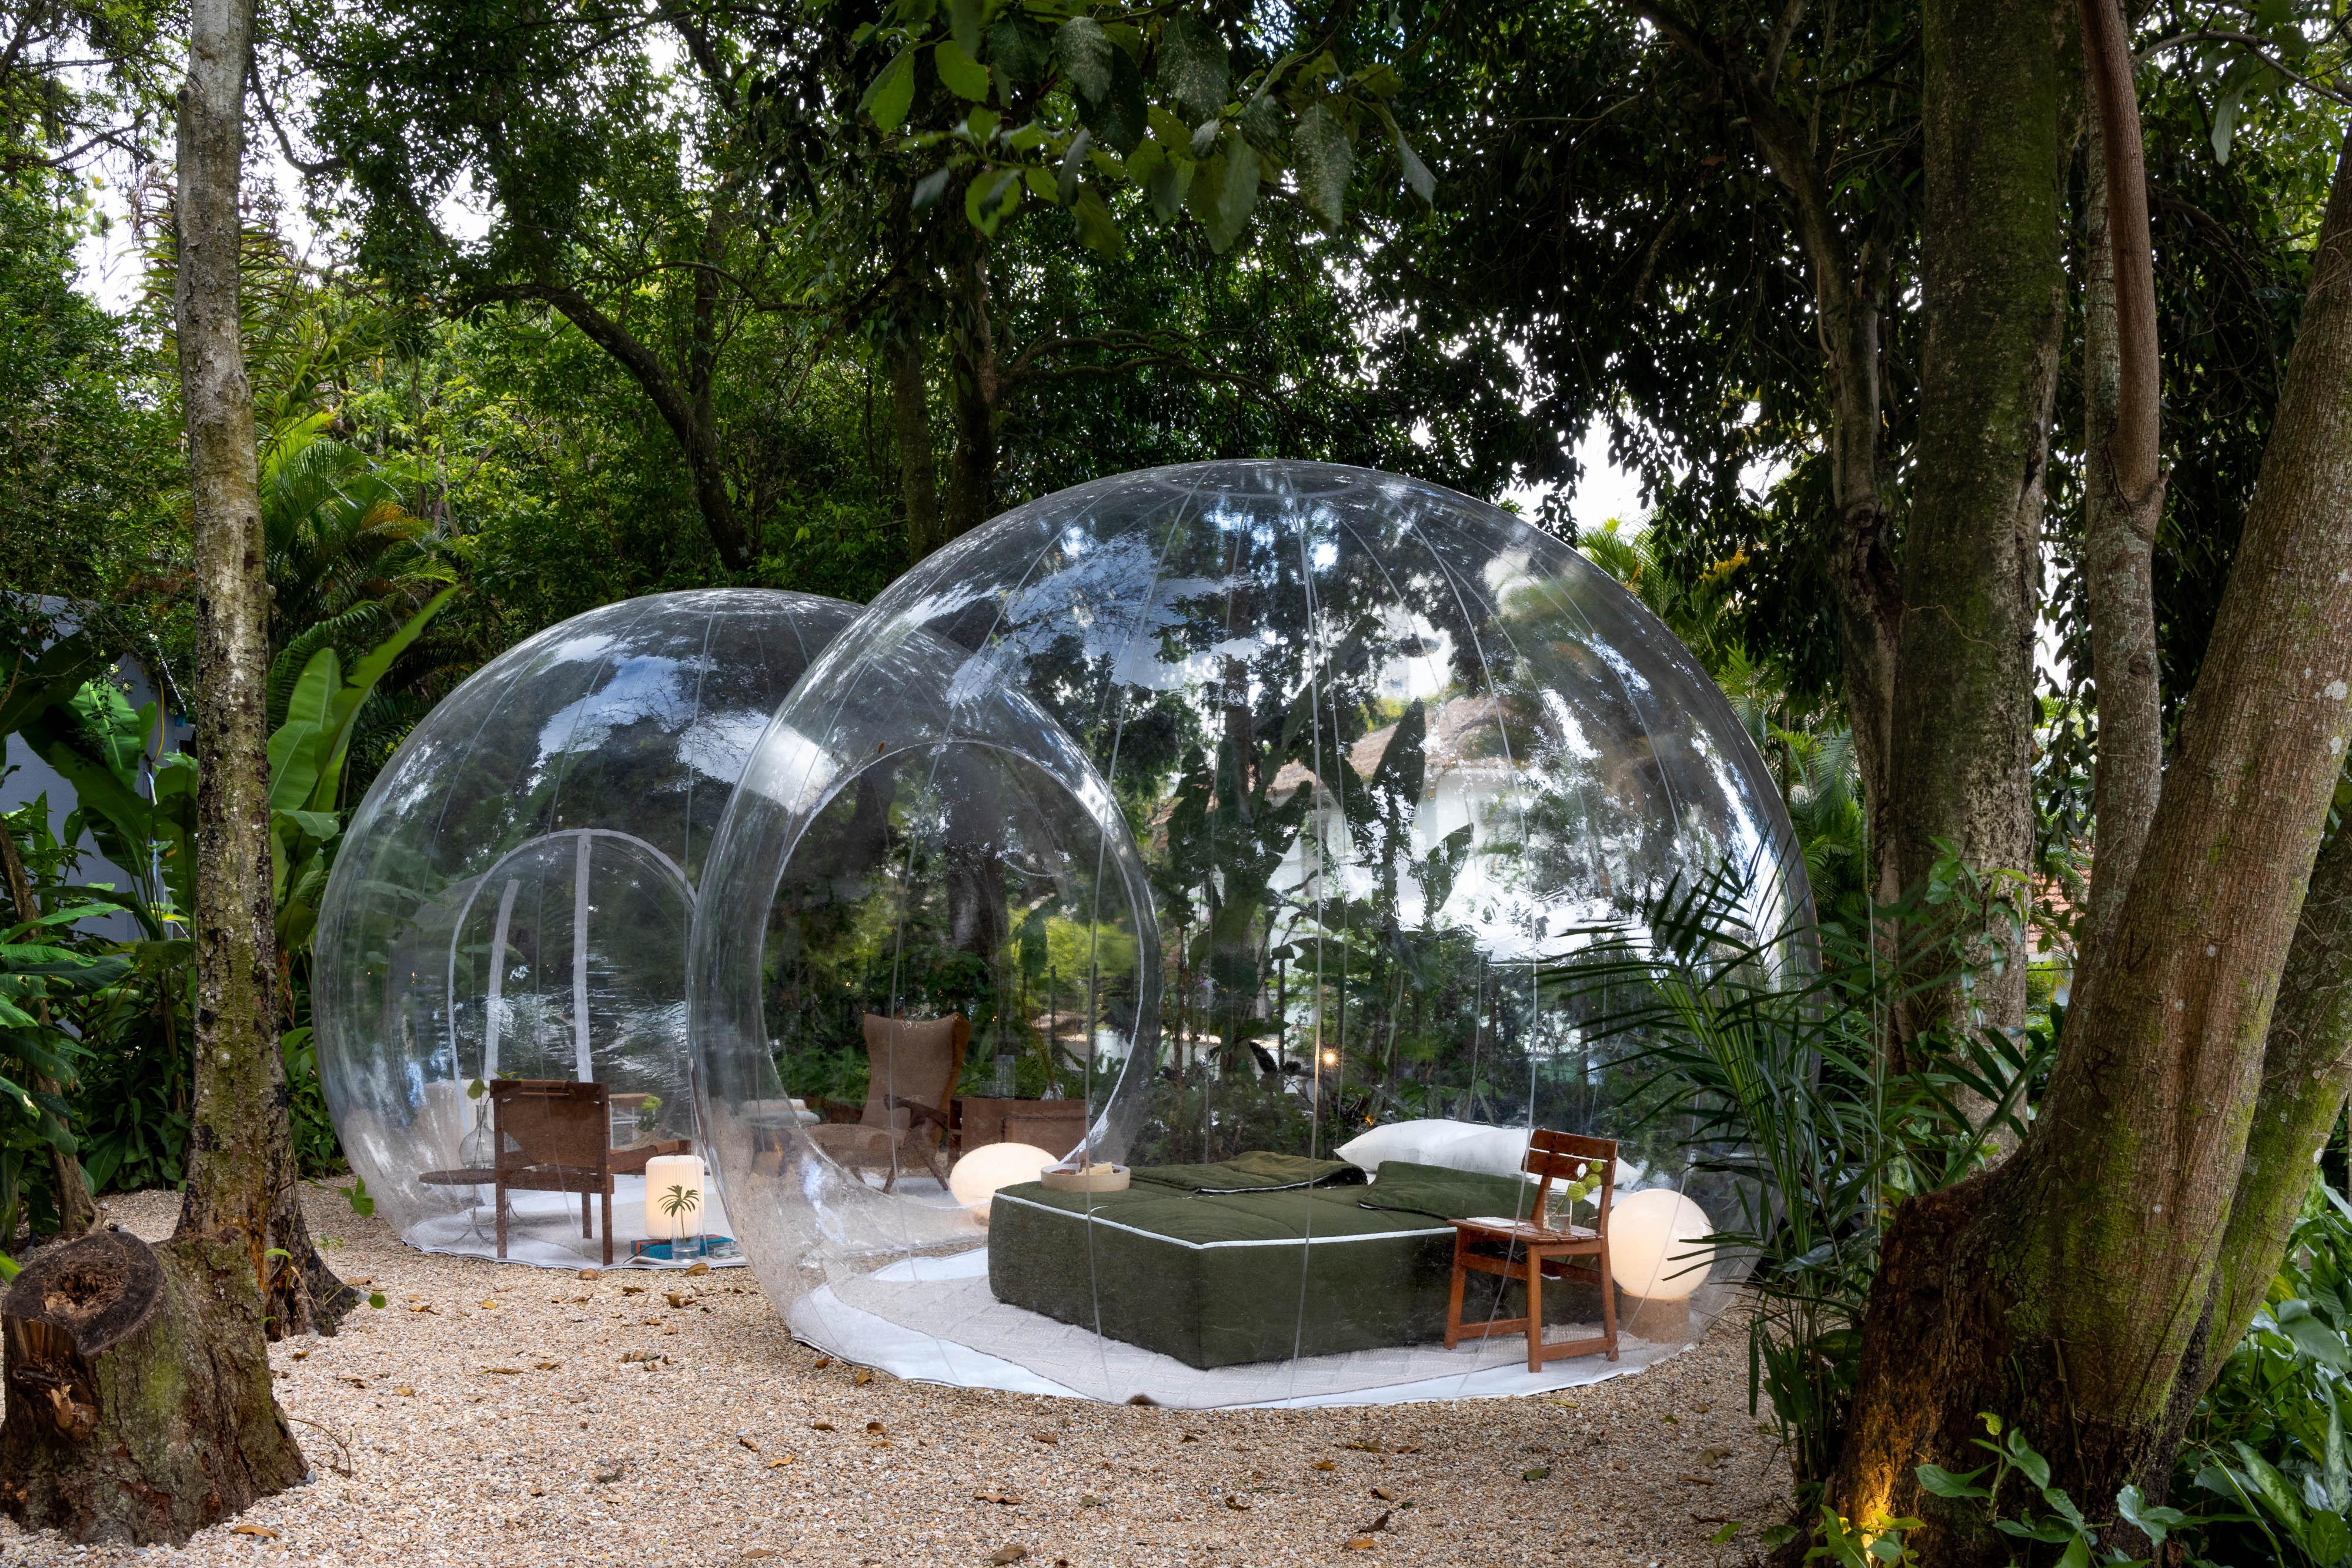 Bolha gigante no meio do jardim com cama e poltronas dentro dela